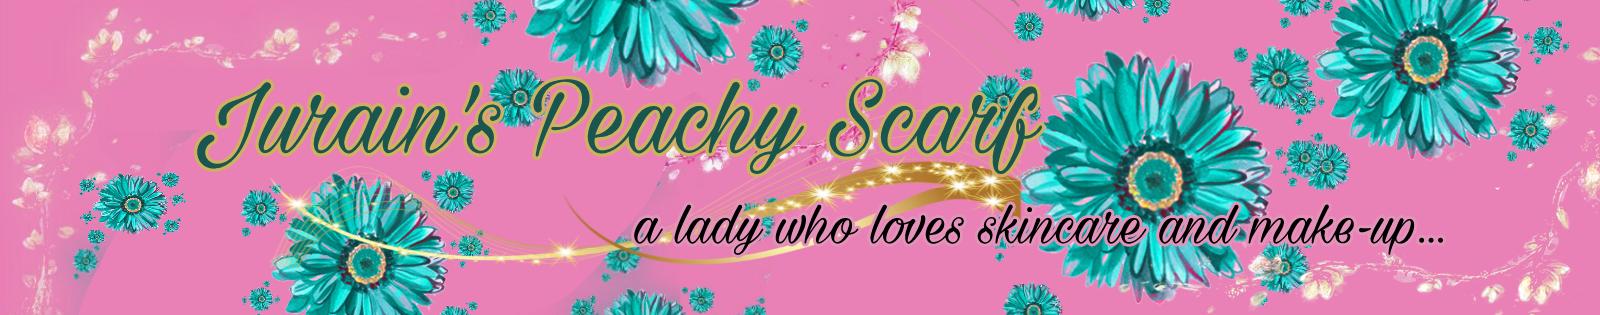 Jurain's Peachy Scarf